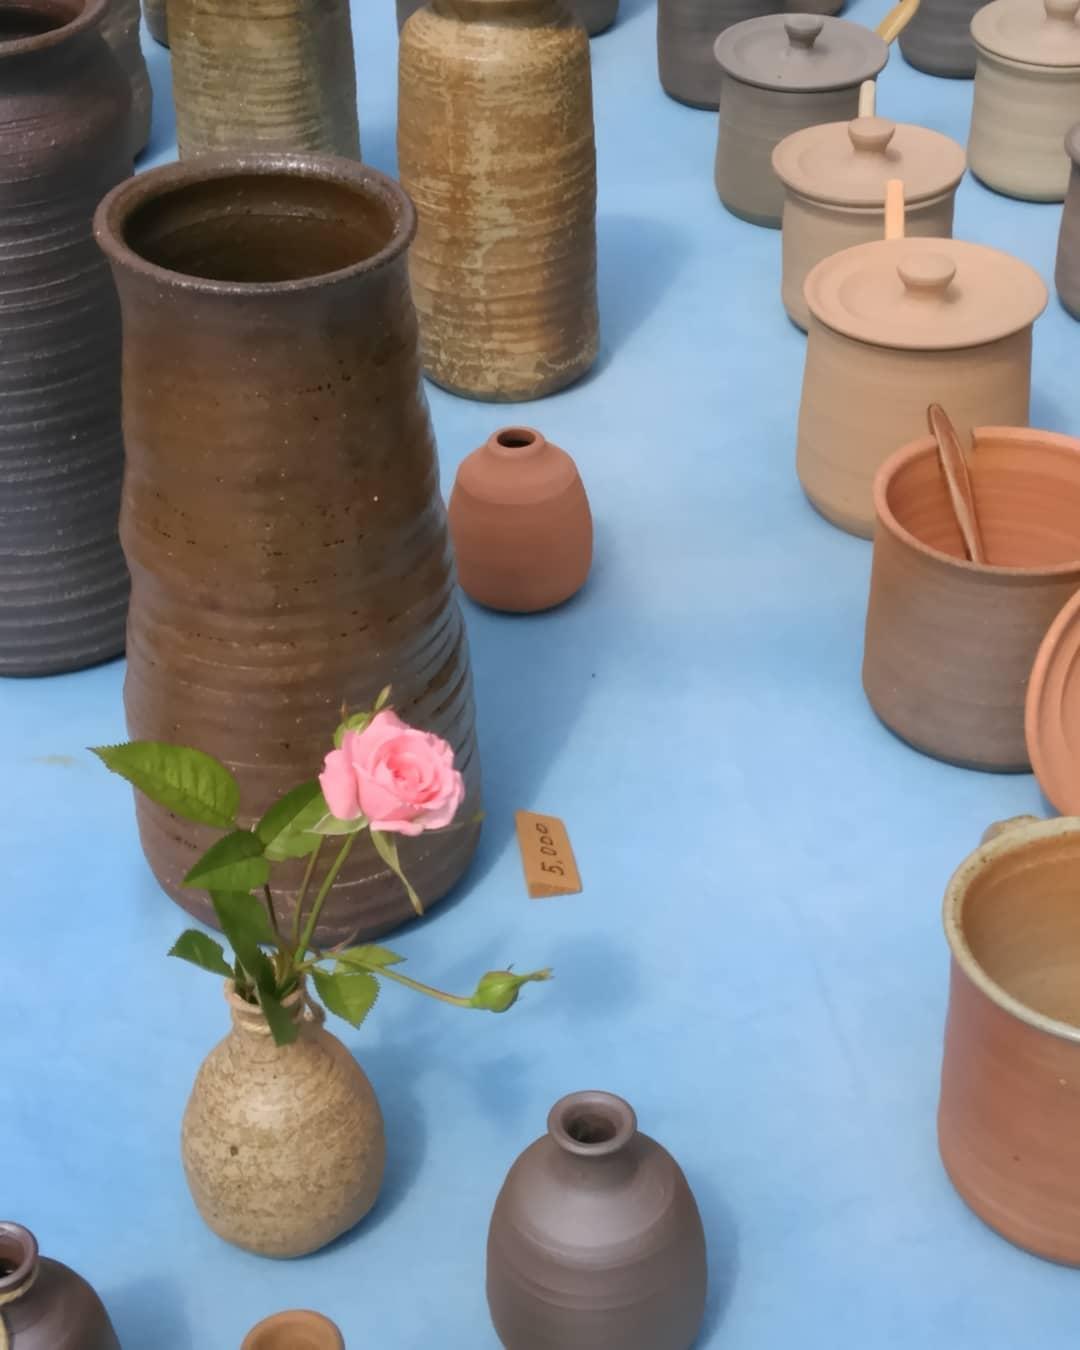 4丁目238。新荘川焼。雲ひとつない夏日の日曜市。#土佐の日曜市#やきもの#sundaymarket#kochijapan#pottery